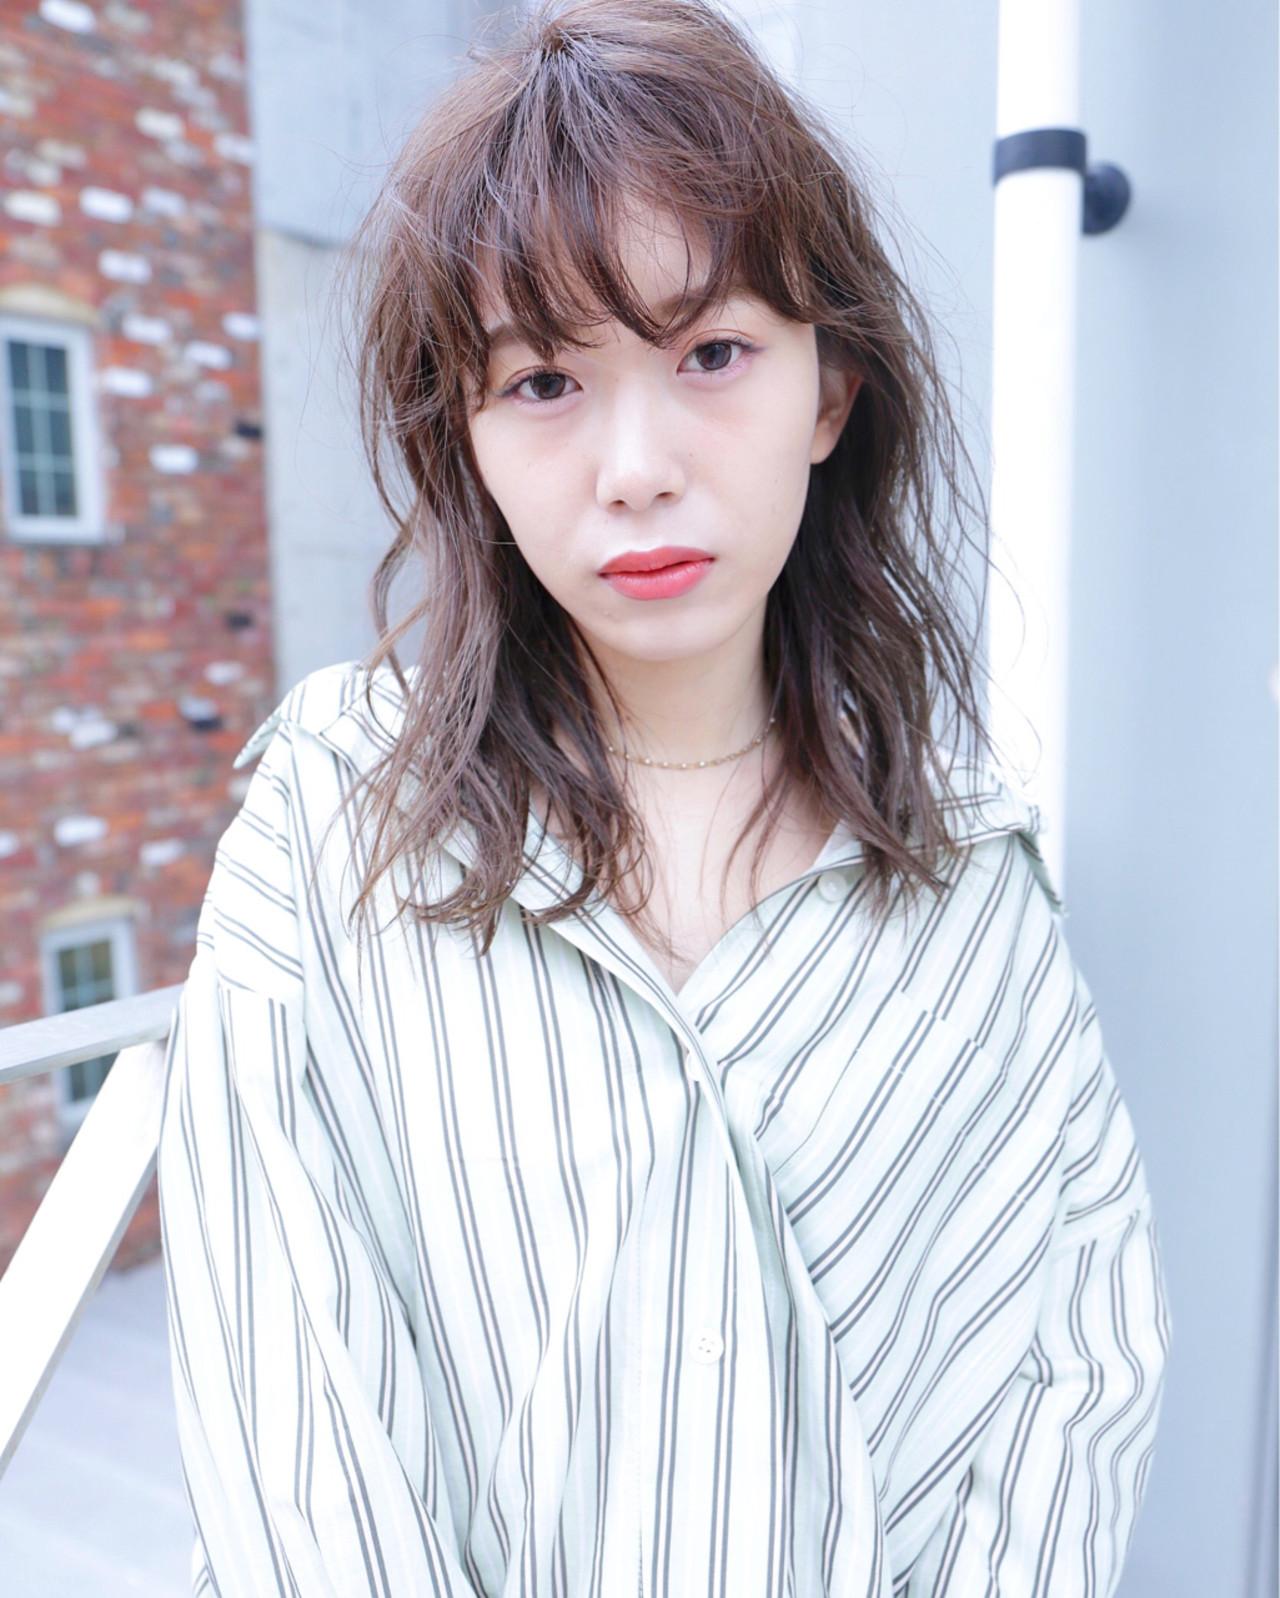 ウェーブ ハイライト ニュアンス リラックス ヘアスタイルや髪型の写真・画像 | Ryota Yamamoto Daisy / Daisy